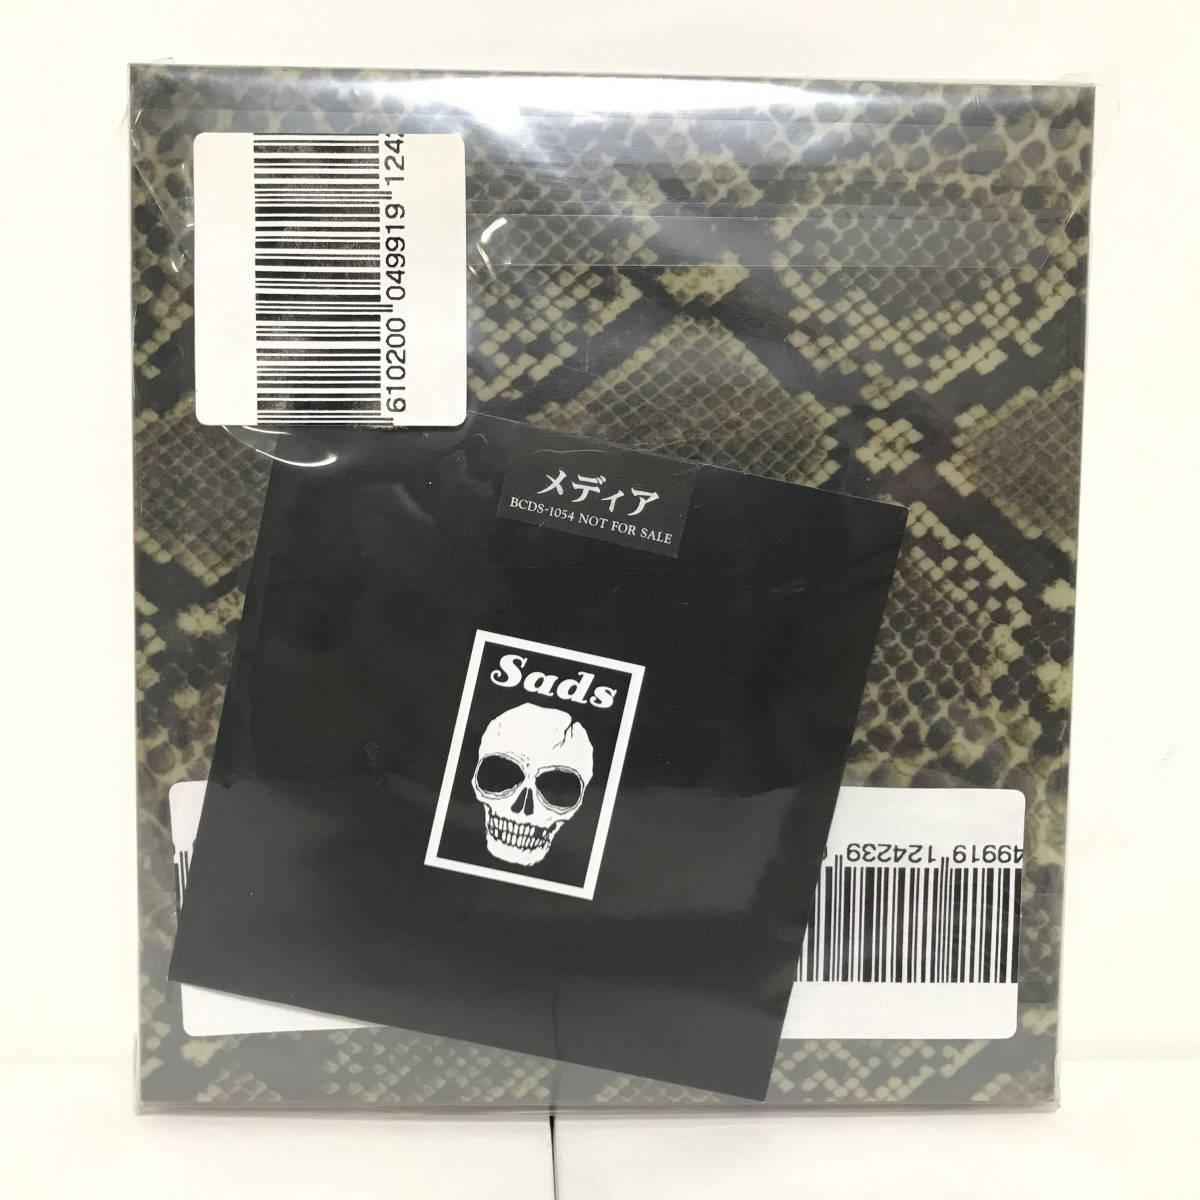 【未開封】 Sads サッズ 赤裸々限定盤 メディア付CD 清春 黒夢_画像3